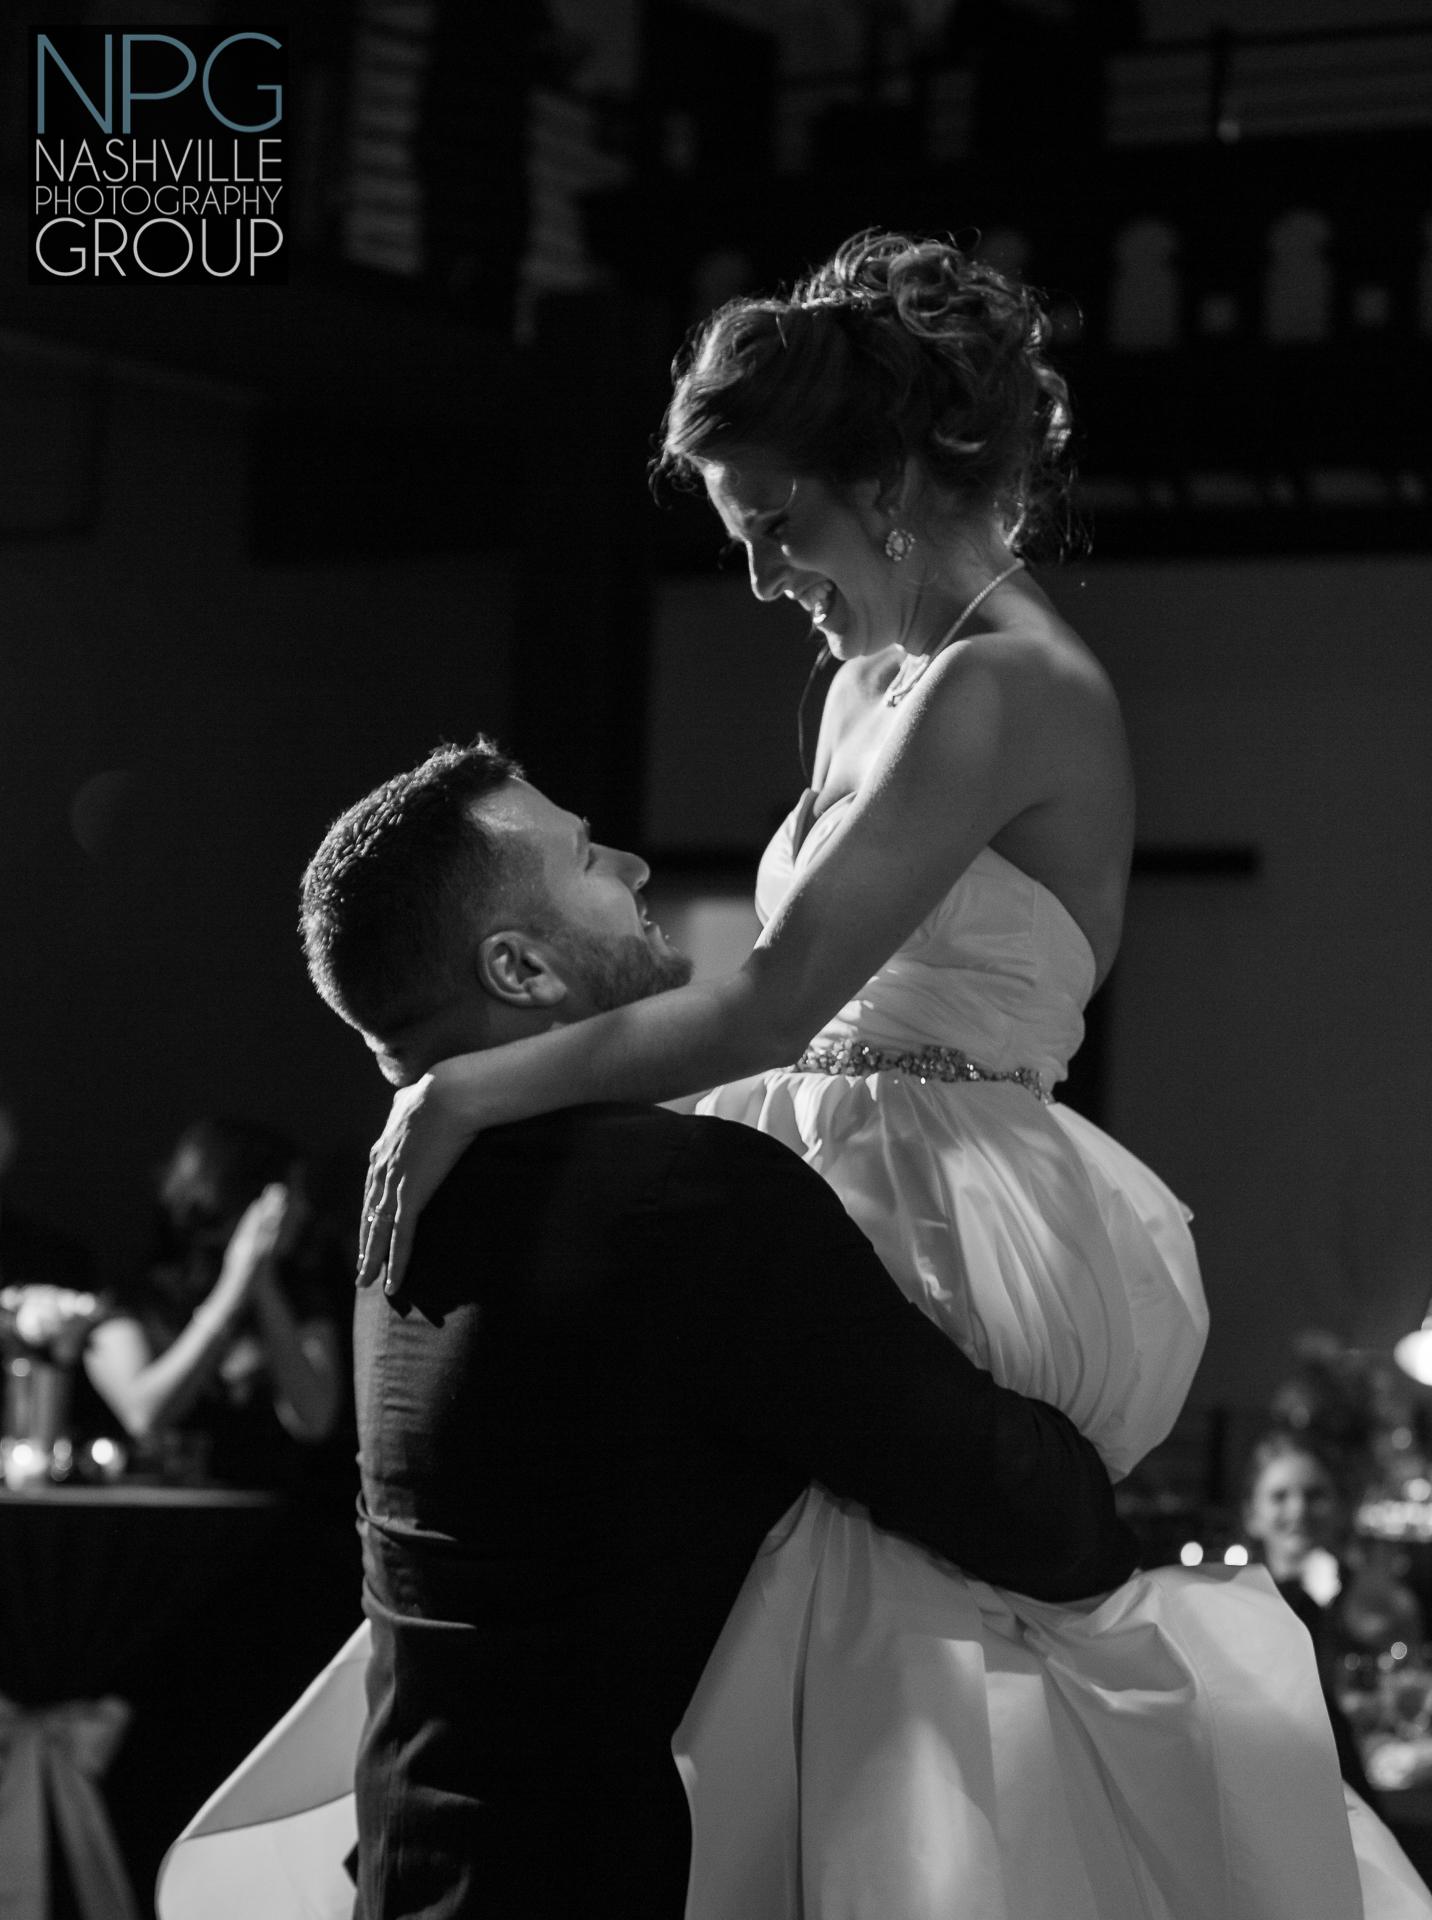 Nashville Photography Group wedding photographers-4.jpg